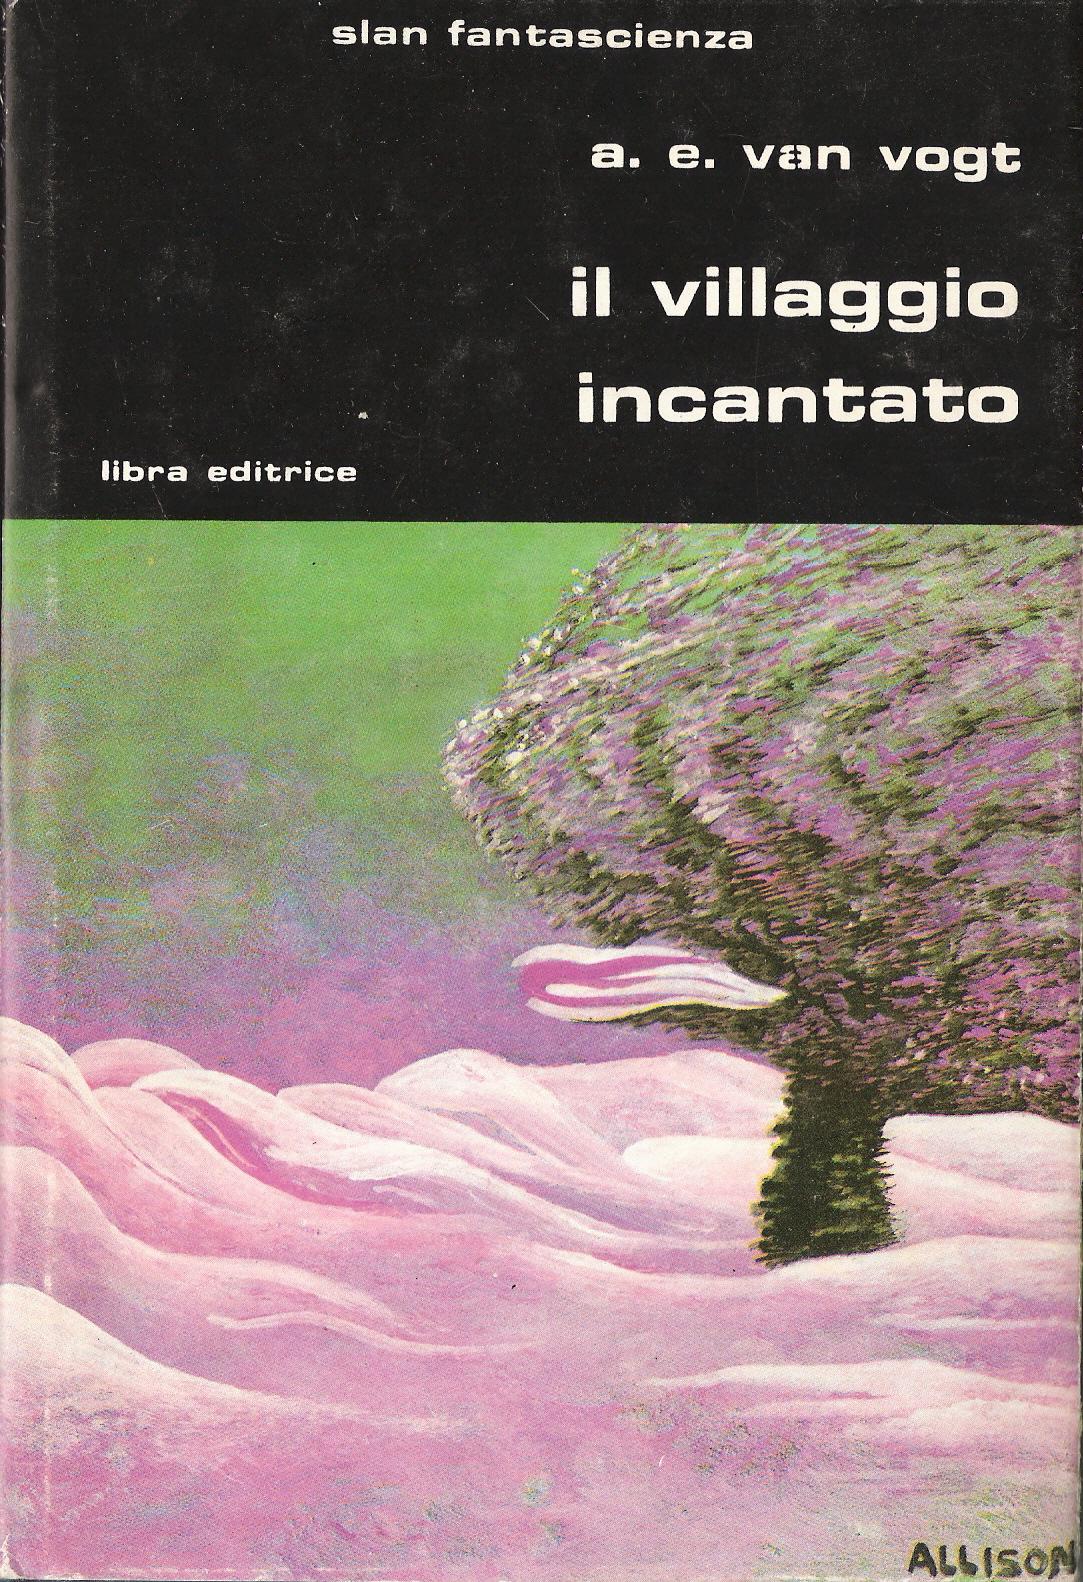 Il villaggio incantato